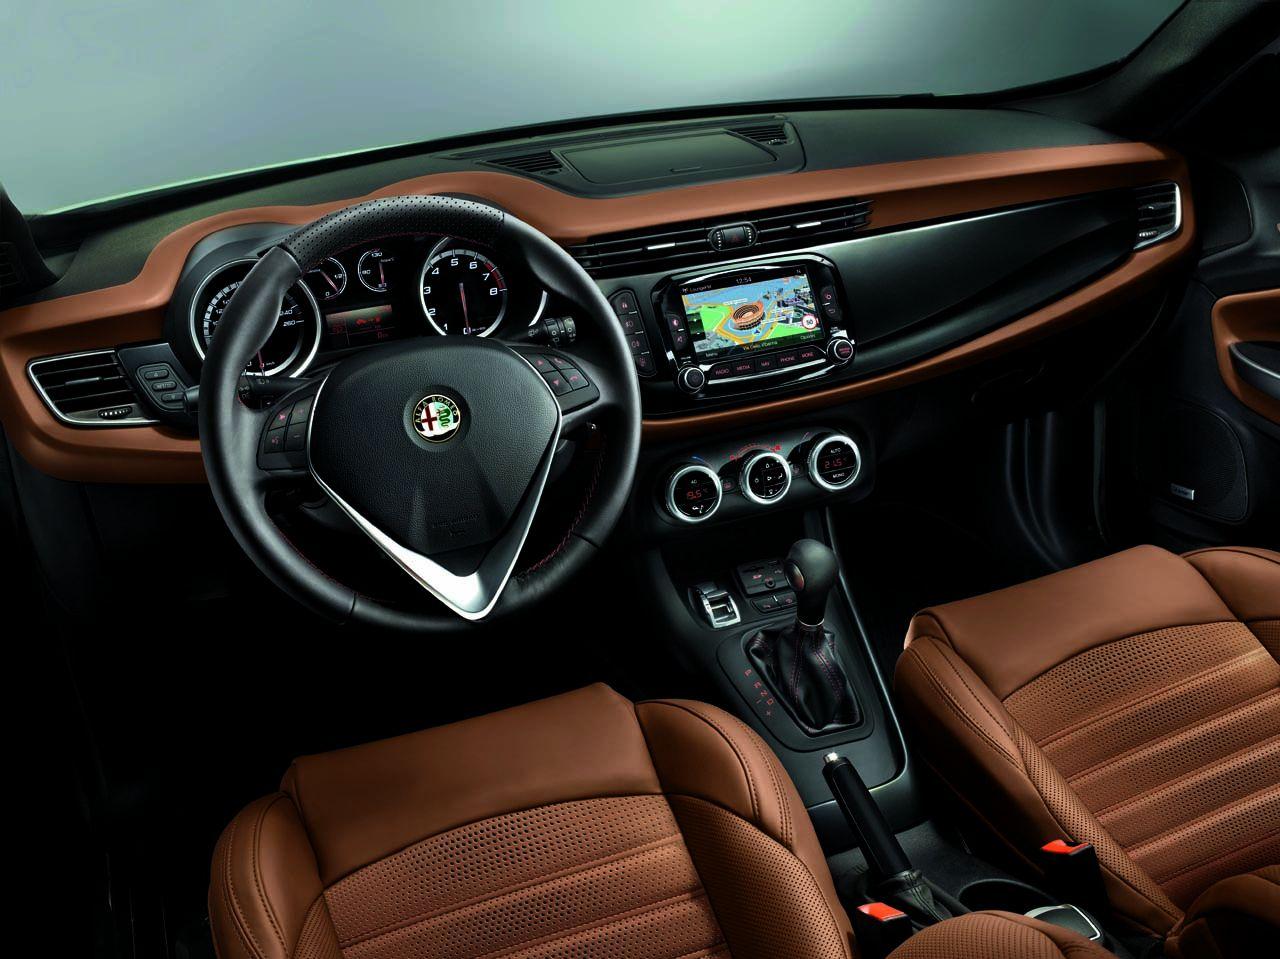 131021 AR giulietta my14 34 Νέος πετρελαιοκινητήρας 120 ίππων για την Giulietta και με τιμή από 21.370€